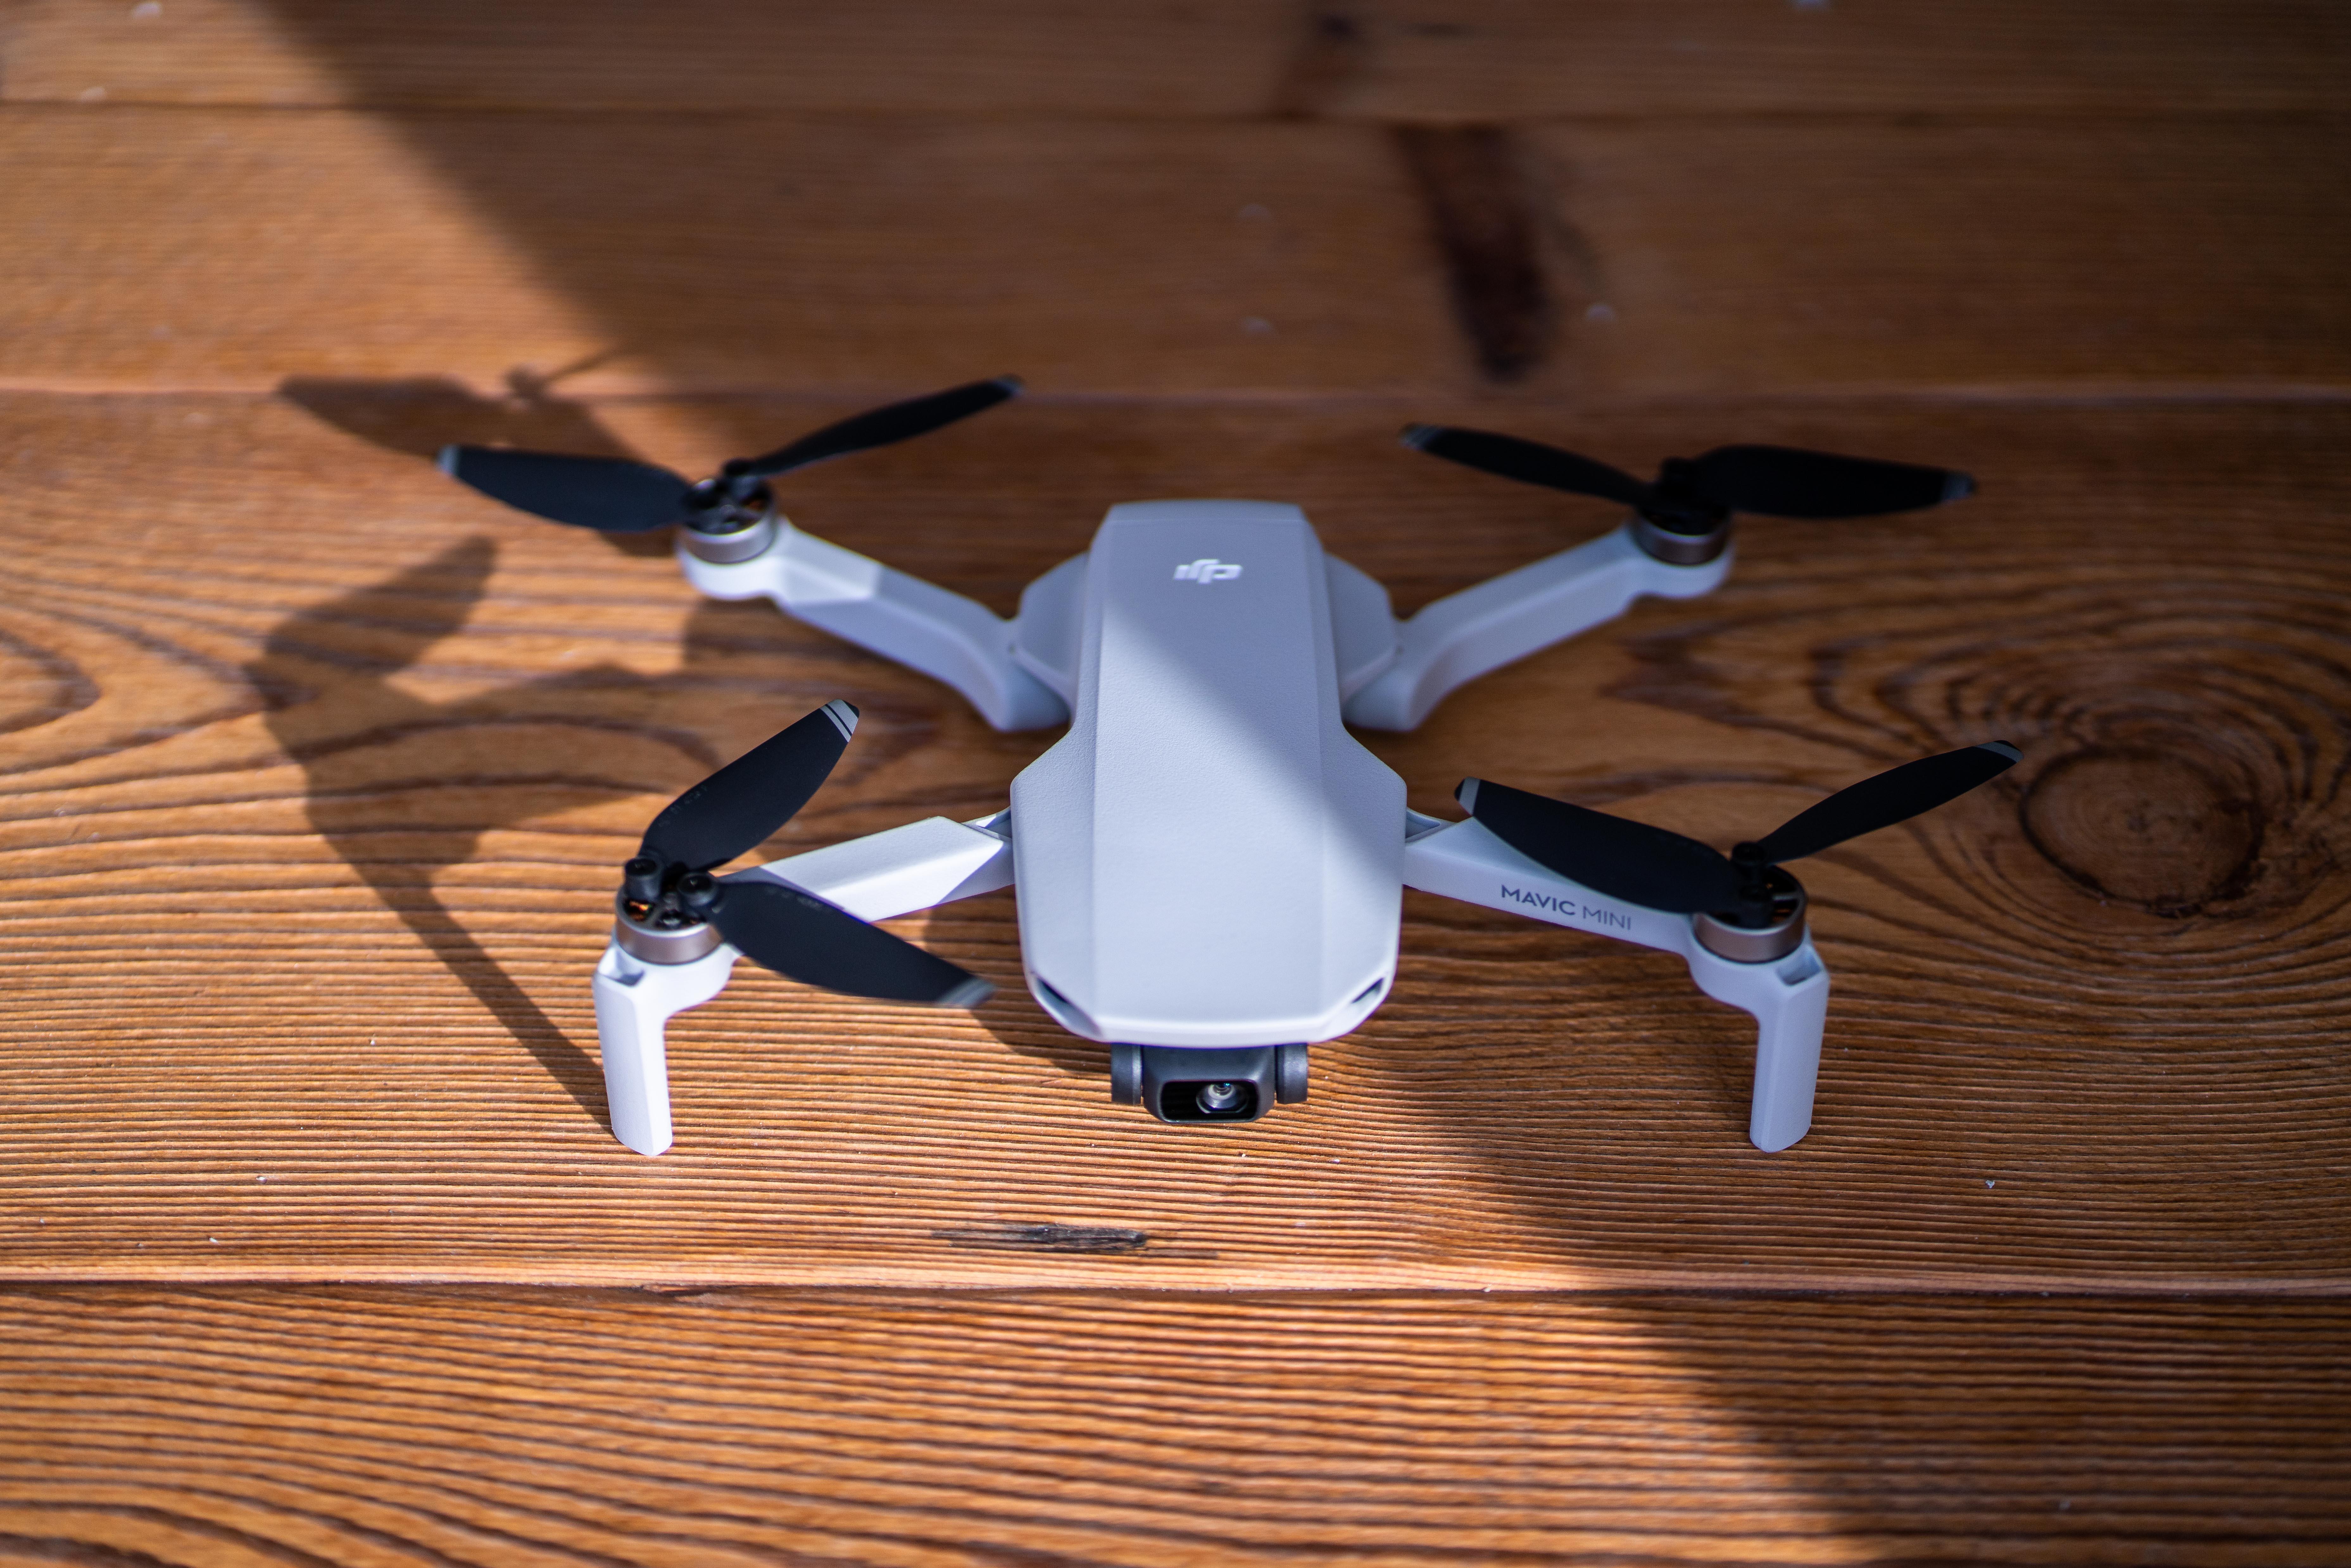 dji mavic mini miglior drone